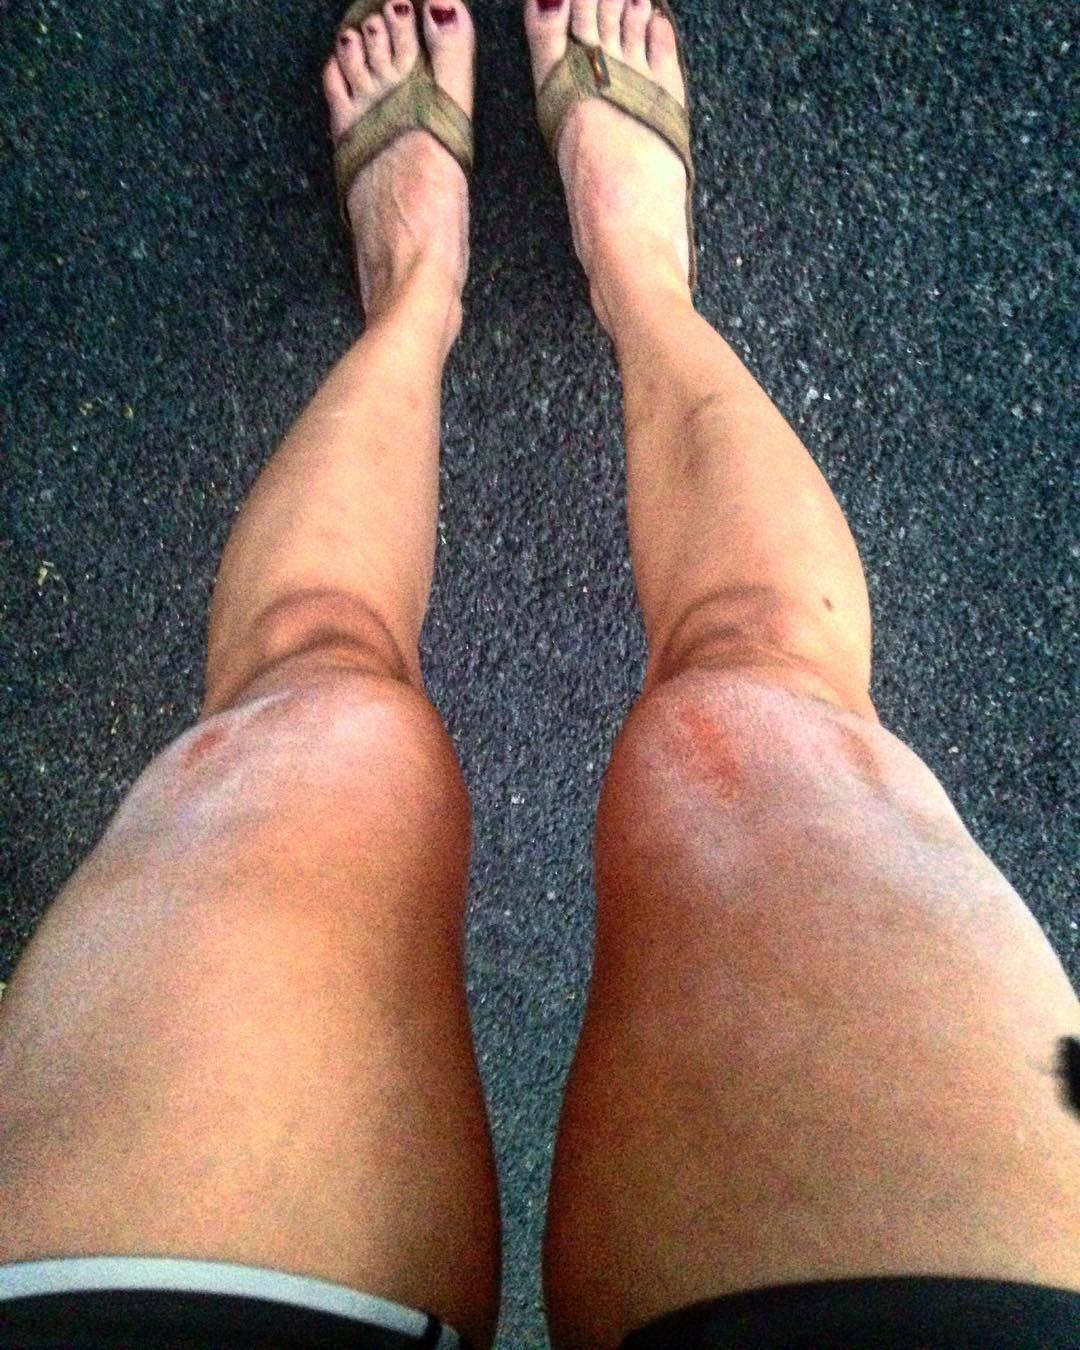 Feet molly ephraim 41 Sexiest